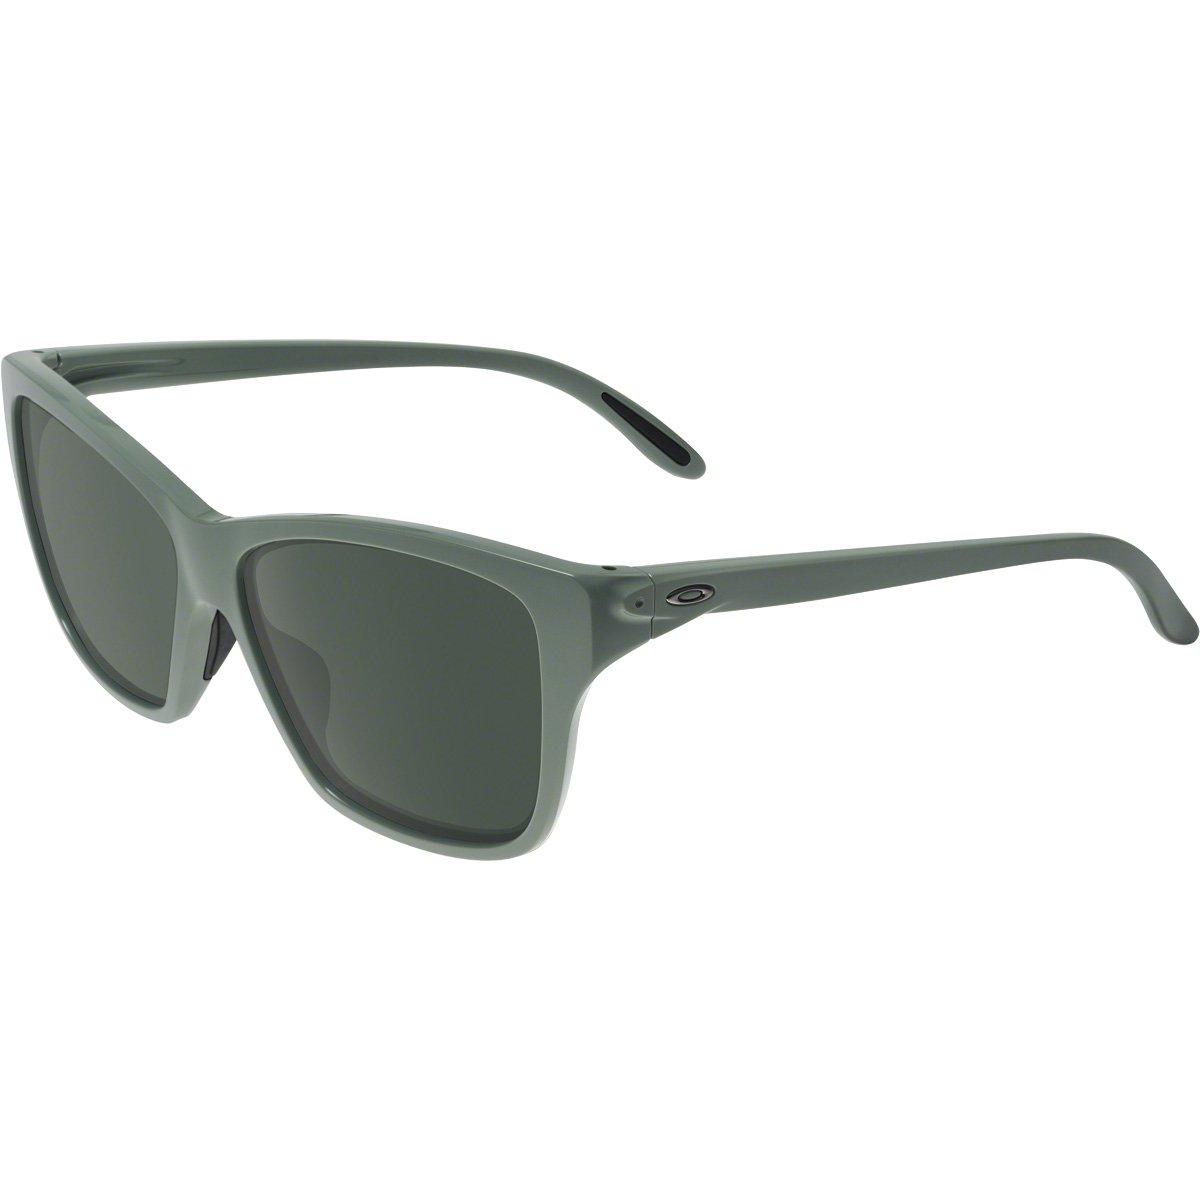 Oakley Women's OO9298 Hold On Irregular Sunglasses, Light Olive/Dark Grey, 58 mm by Oakley